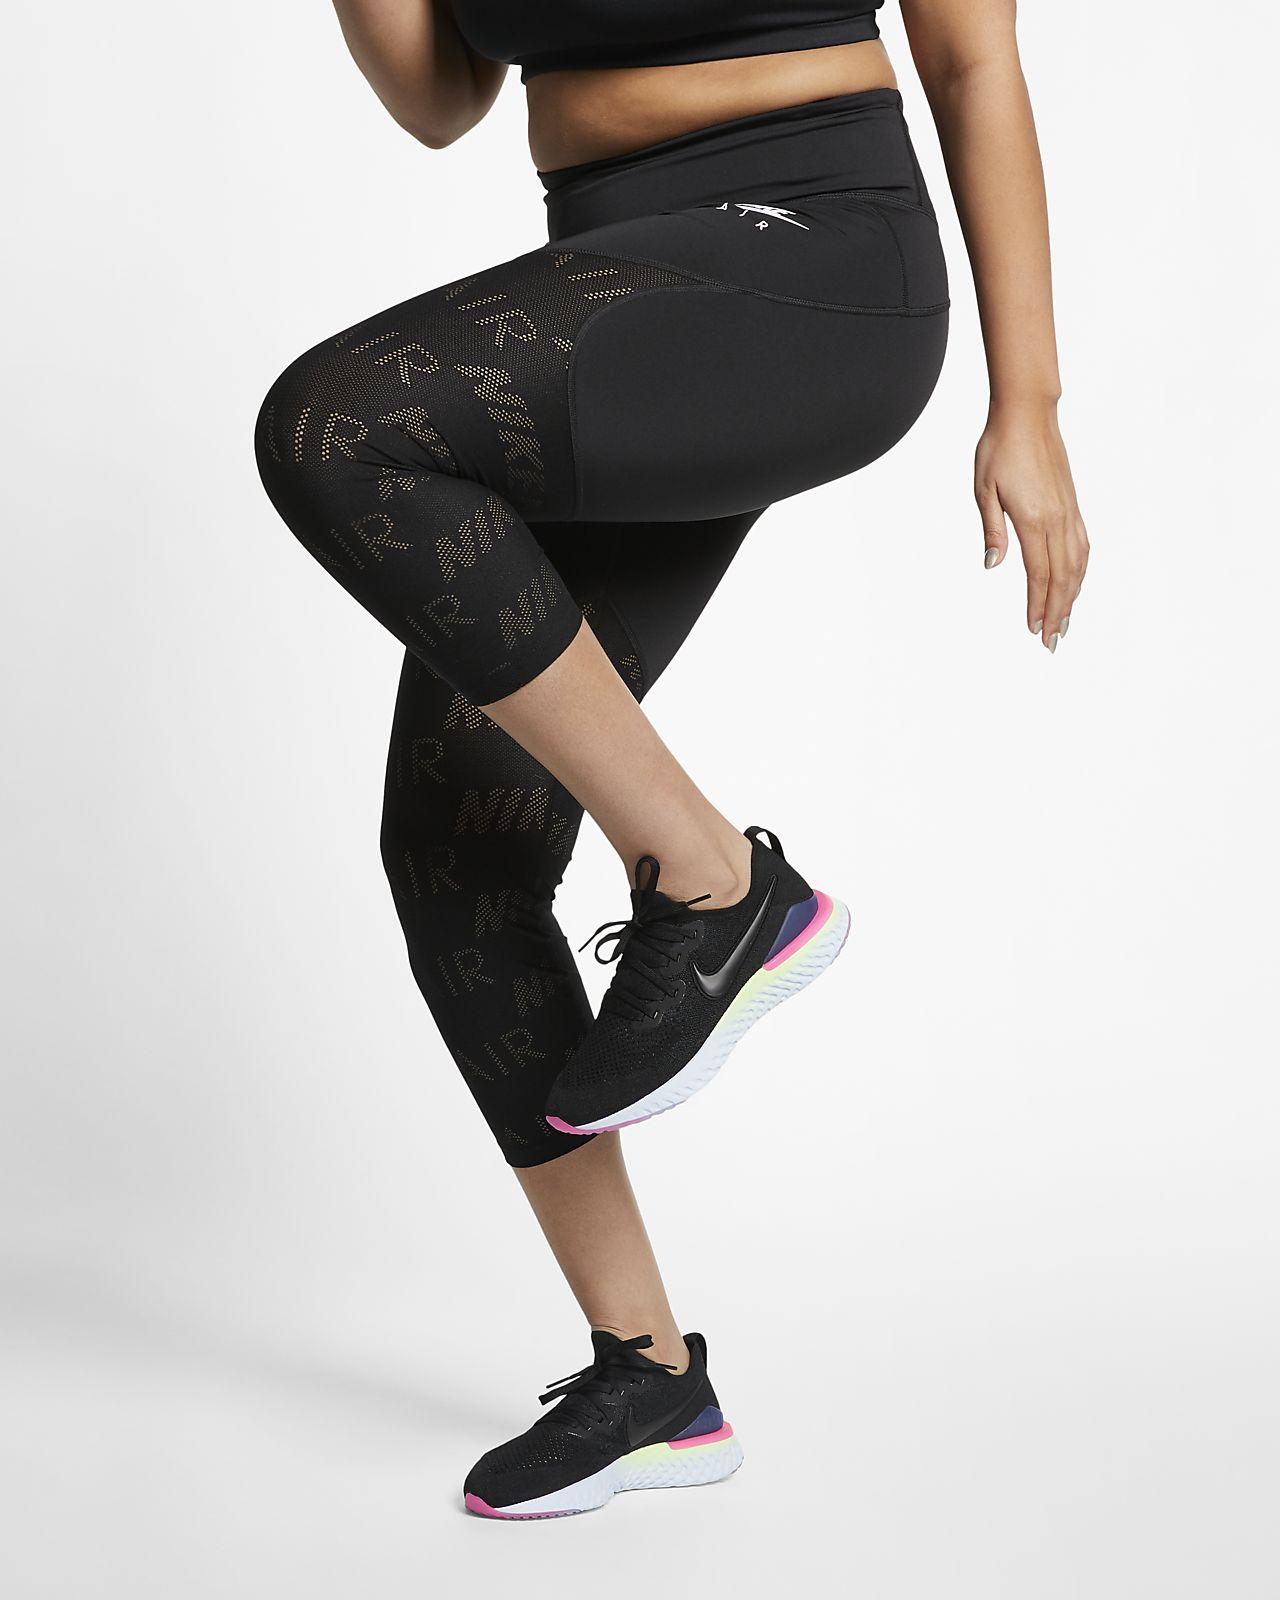 Женские укороченные тайтсы для бега Nike Air Fast (большие размеры)